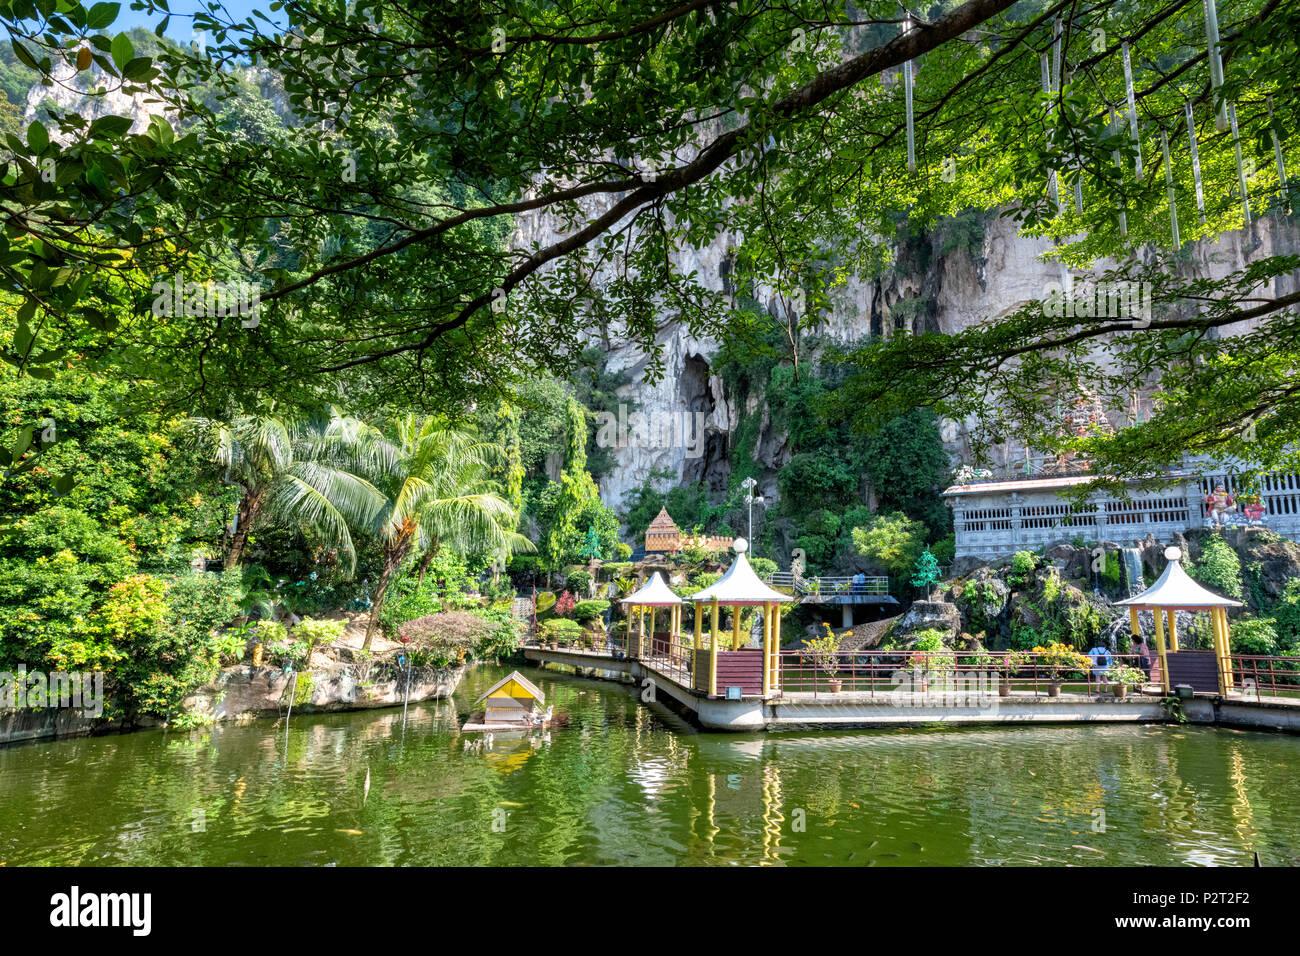 Jardín Acuático en el templo hindú de las Cuevas Batu en Gombak, cerca de Kuala Lumpur, Malasia Imagen De Stock